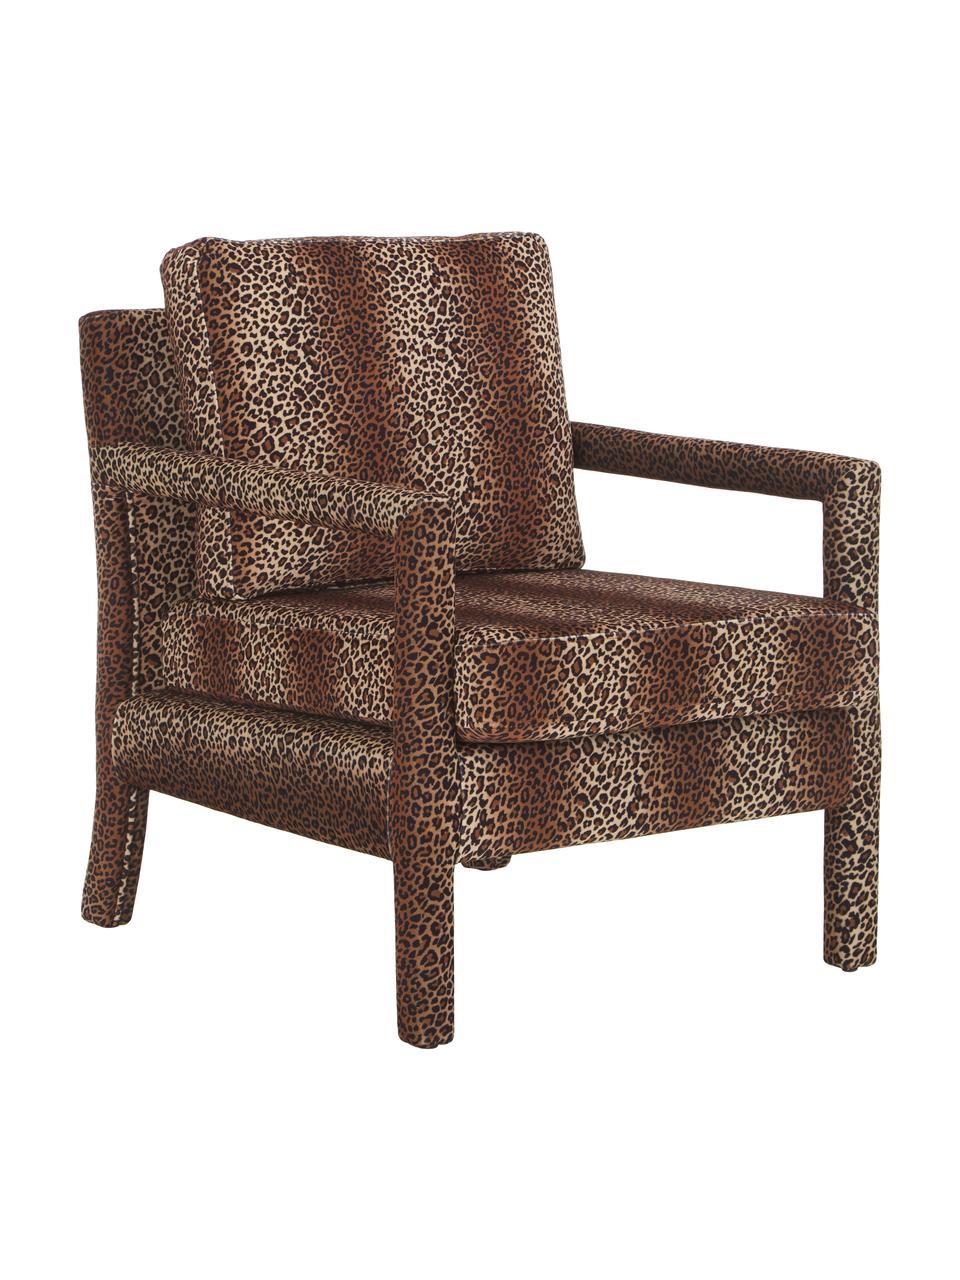 Fotel z aksamitu Claudette, Tapicerka: aksamit (100% poliester) , Stelaż: lite drewno sosnowe, skle, Brązowy, czarny, S 65 x G 75 cm